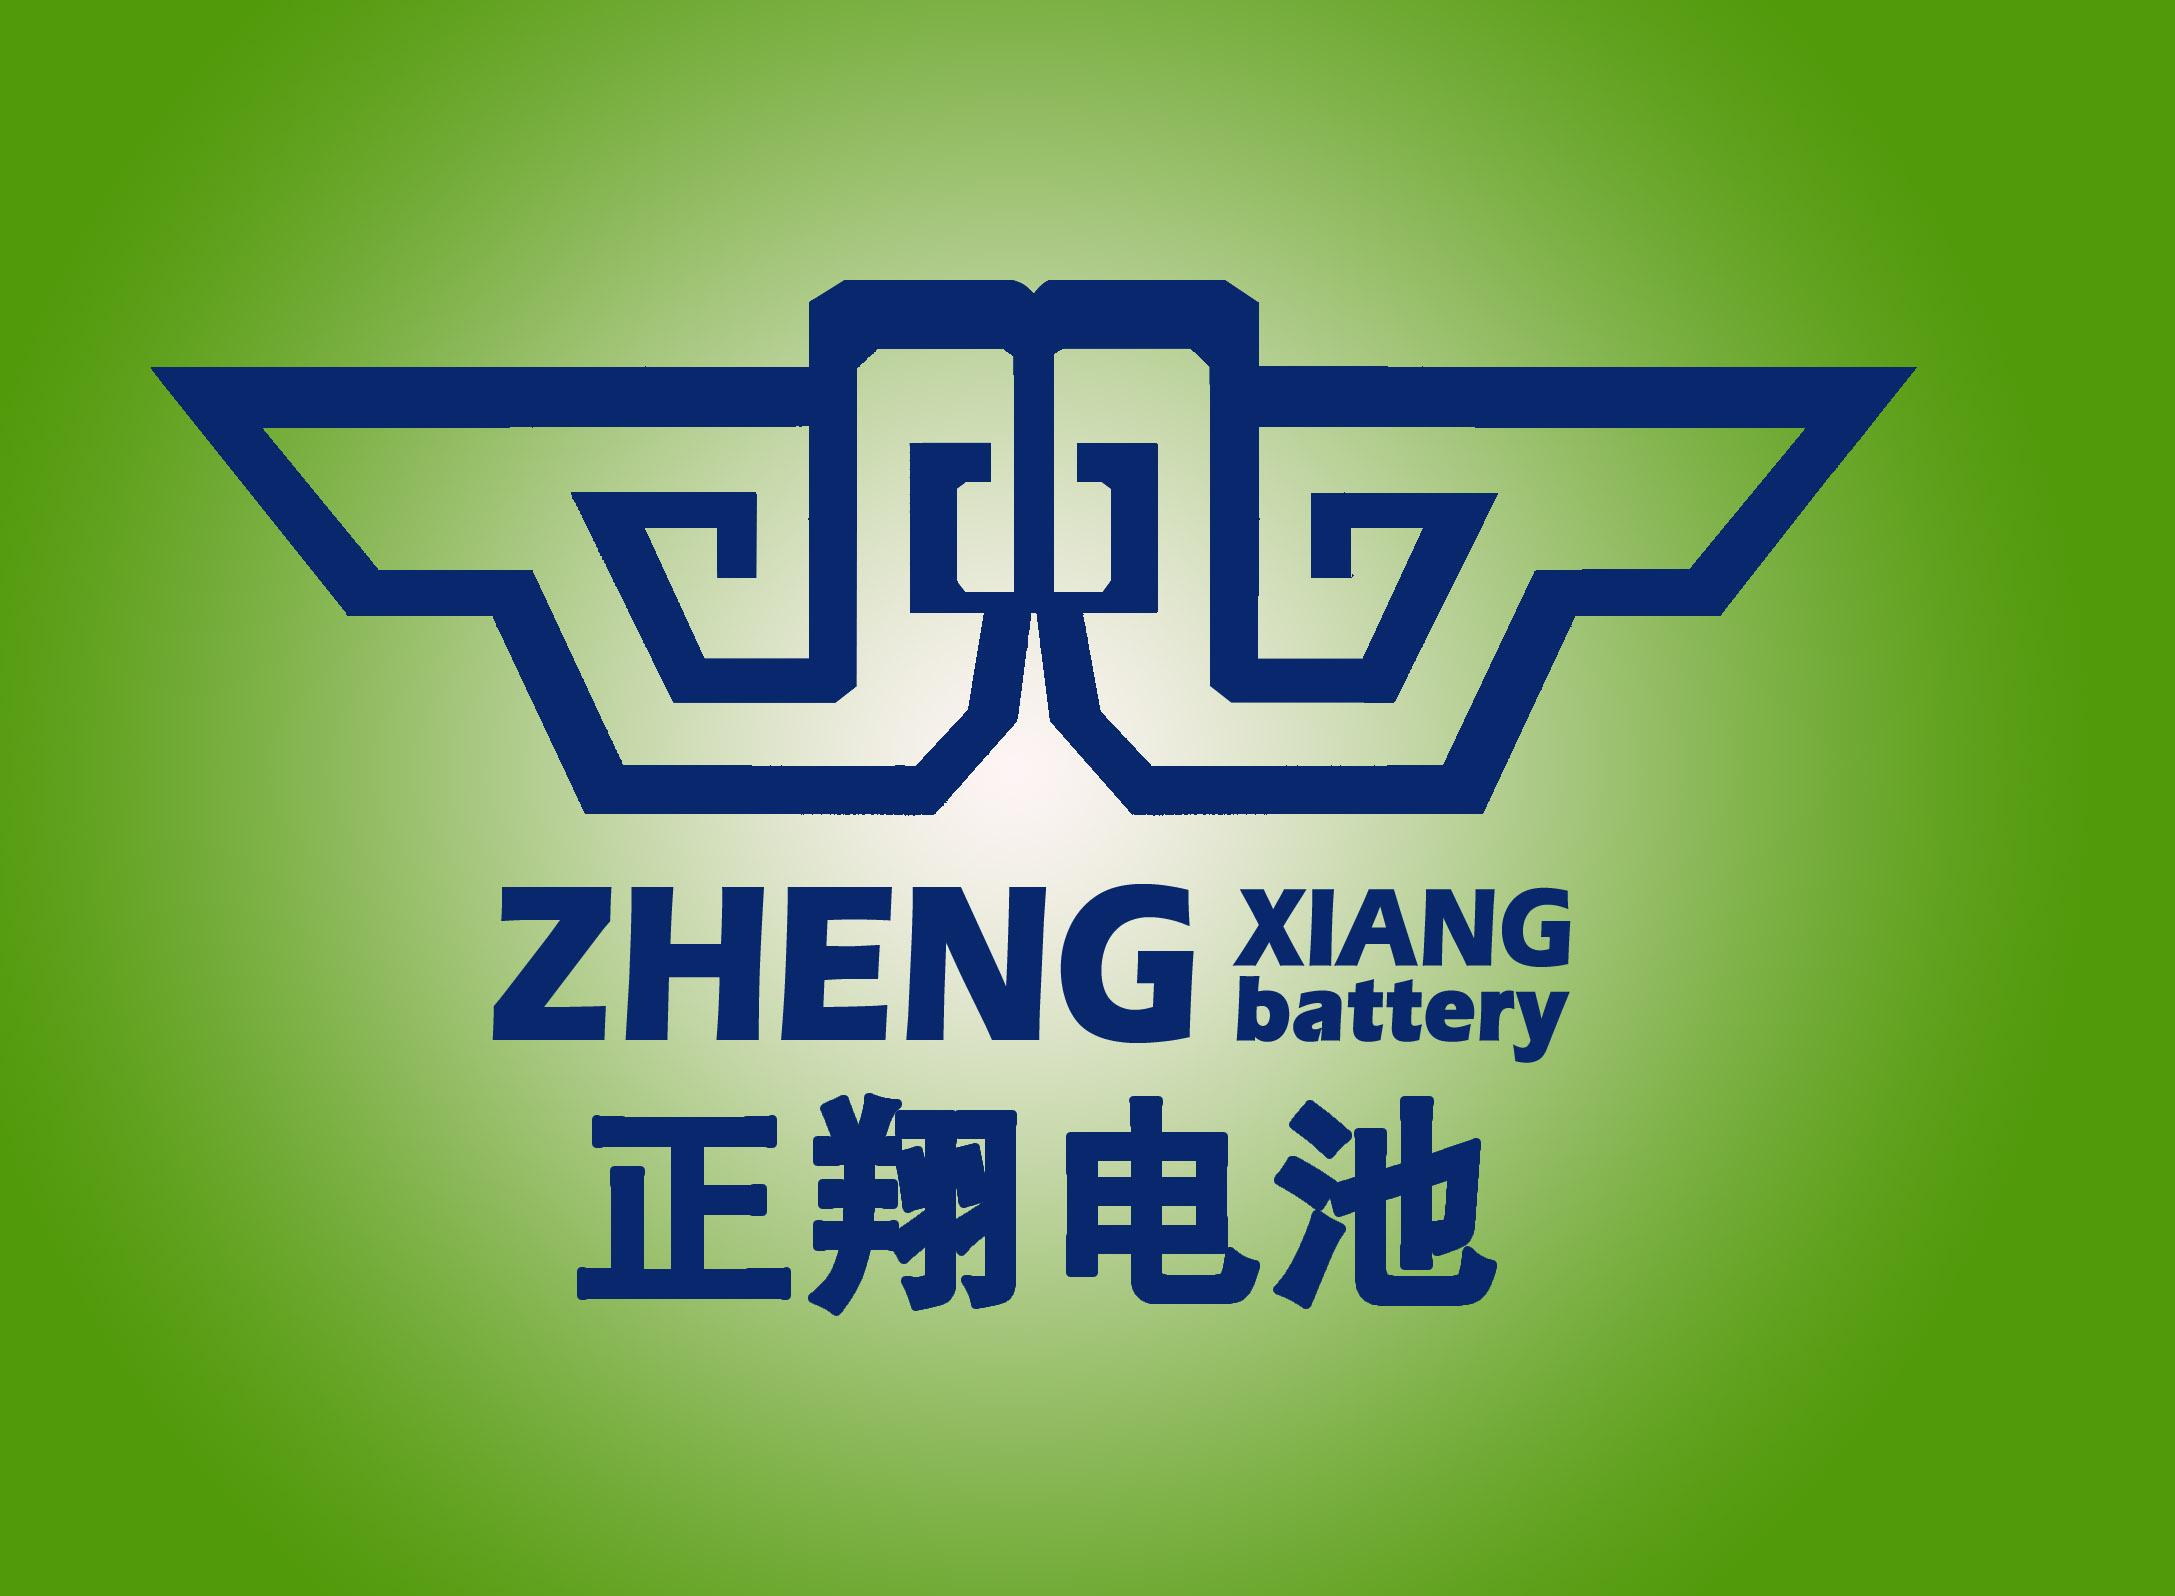 深圳市正翔電池能源有限公司